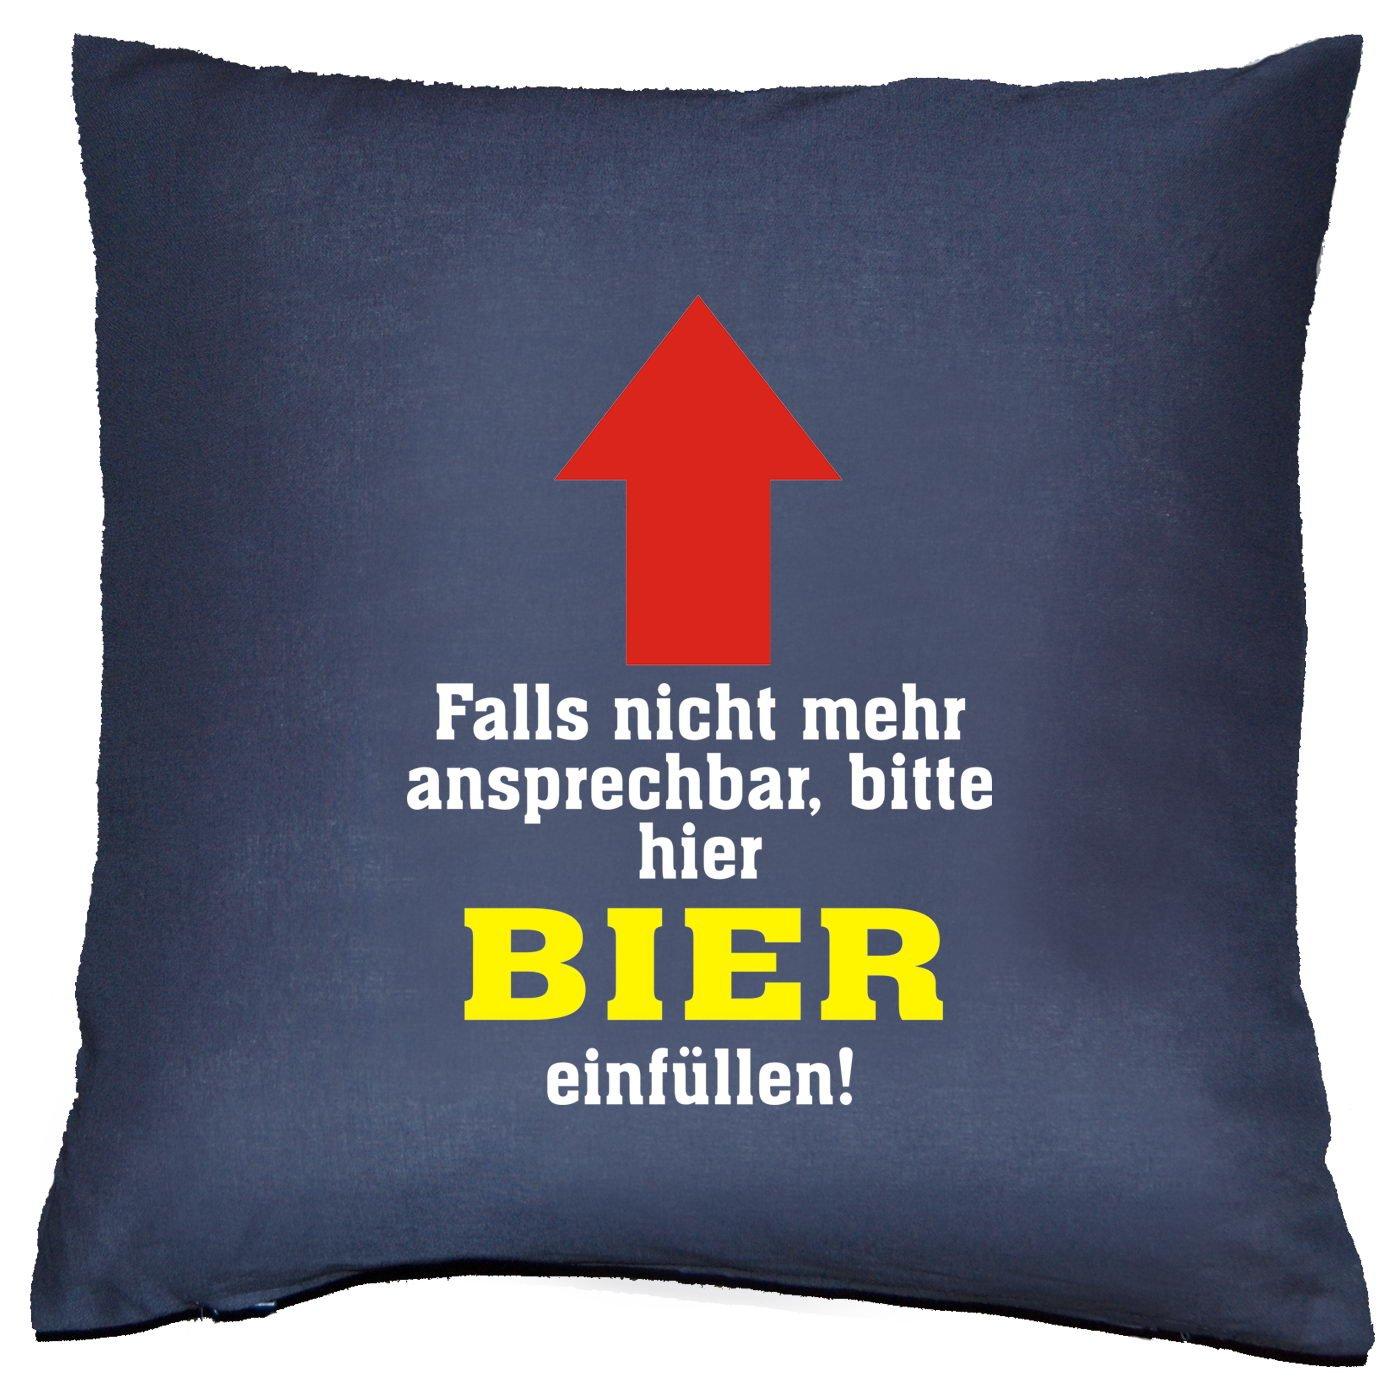 bedrucktes Sofa Kissen mit Füllung - Spruch: Falls nicht mehr ansprechbar... - cooles lustiges Geschenk Couchkissen Dekokissen Geburtstag Weihnachten